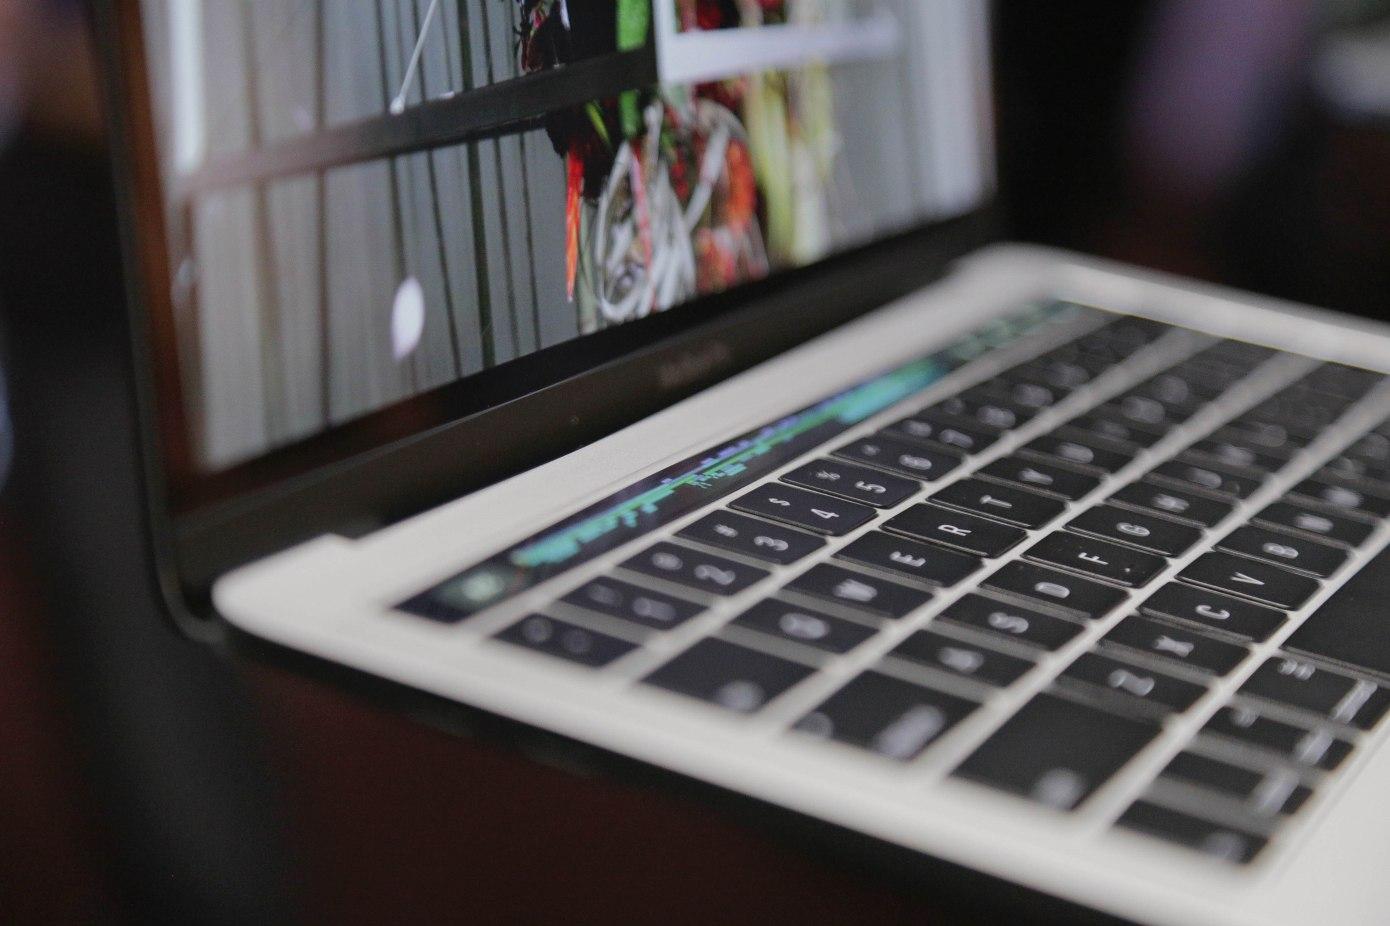 苹果公司在2019 2020 MacBooks上转向新的键盘设计